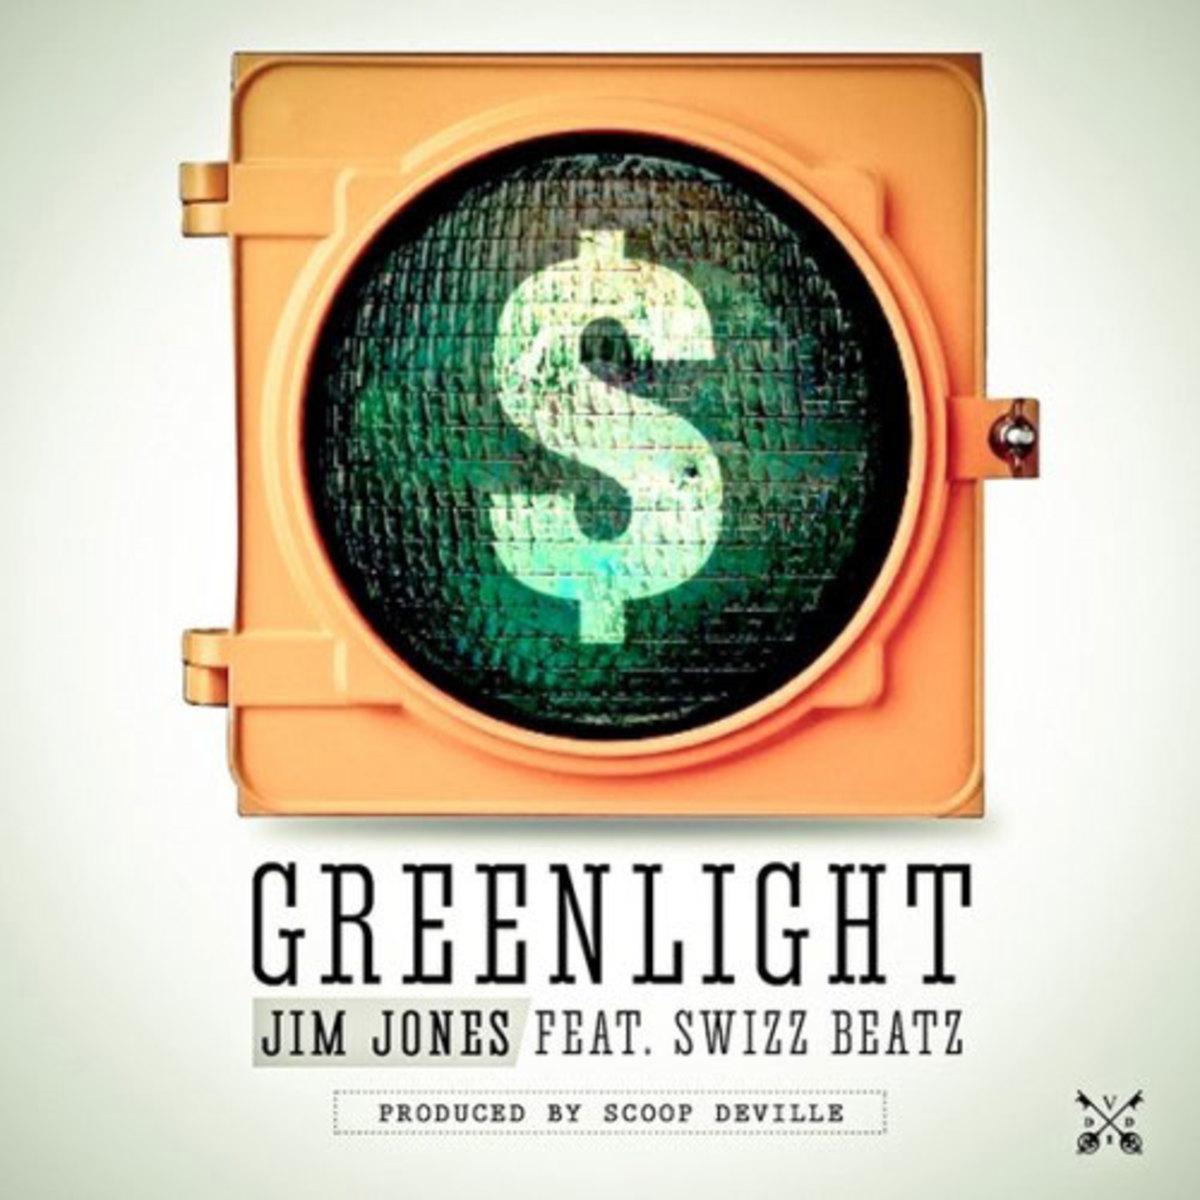 jimjones-greenlight.jpg